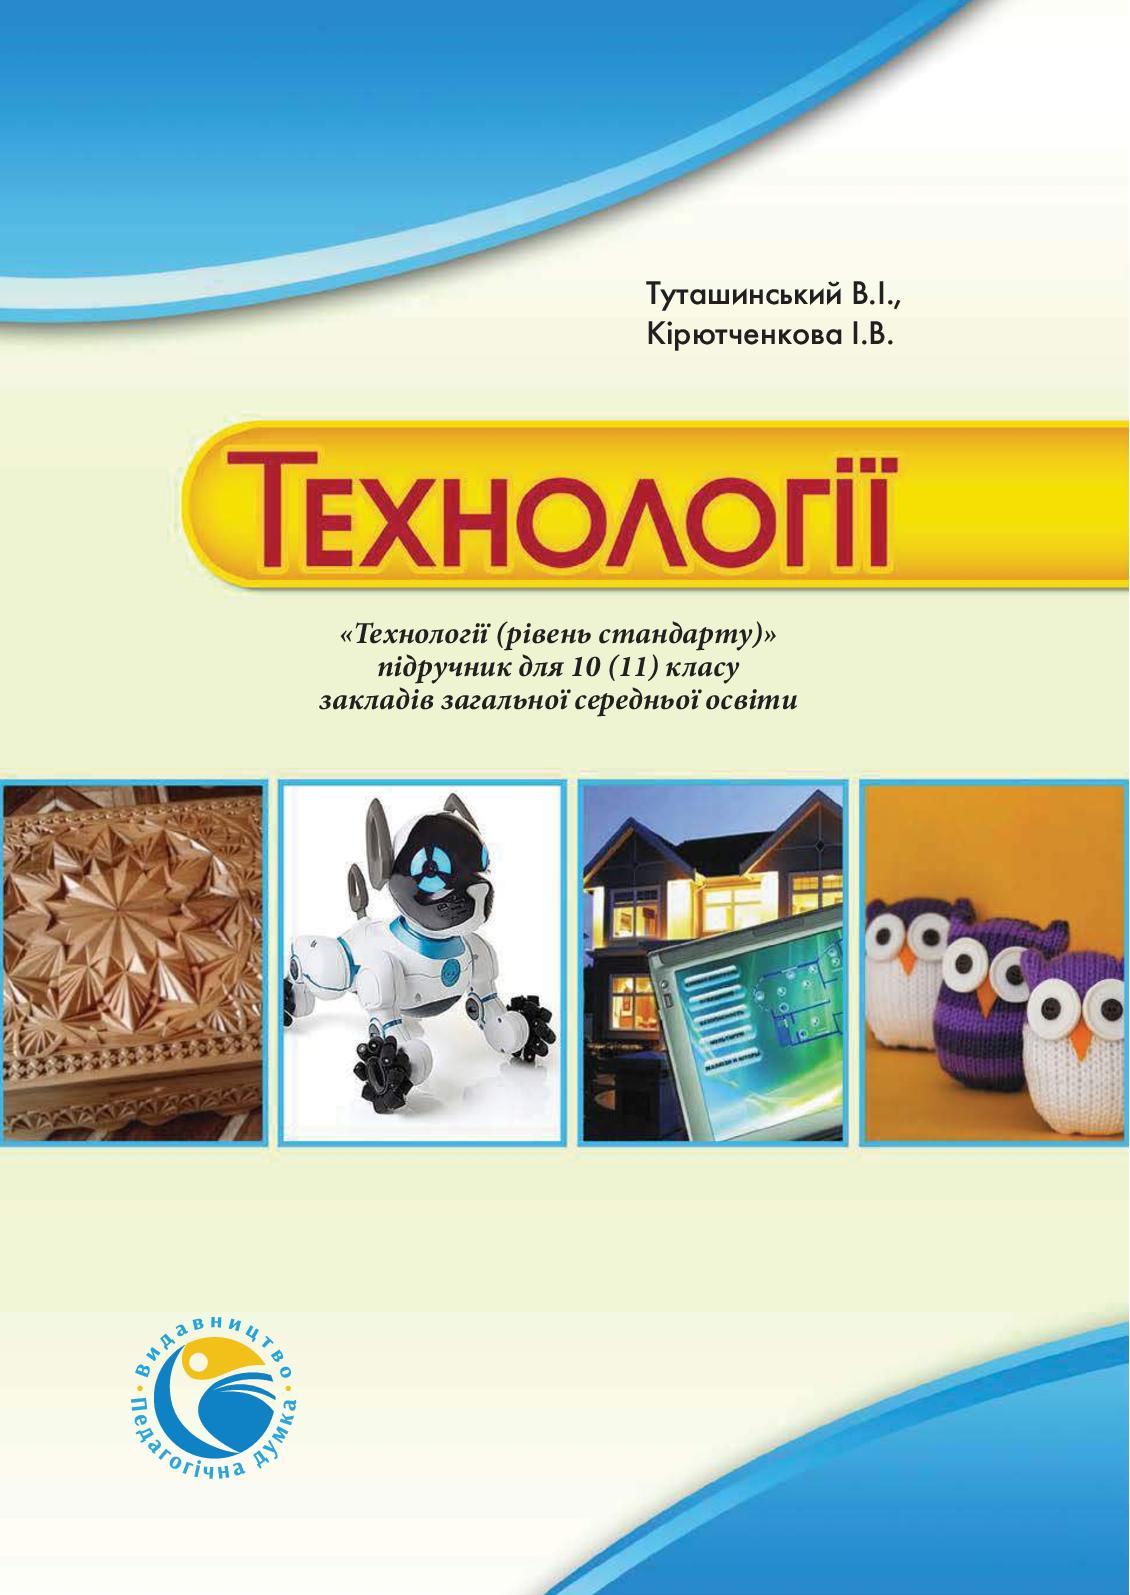 Calaméo - 10 Klas Tekhnologiji Tutashinskij 2018 54b6b184349a9